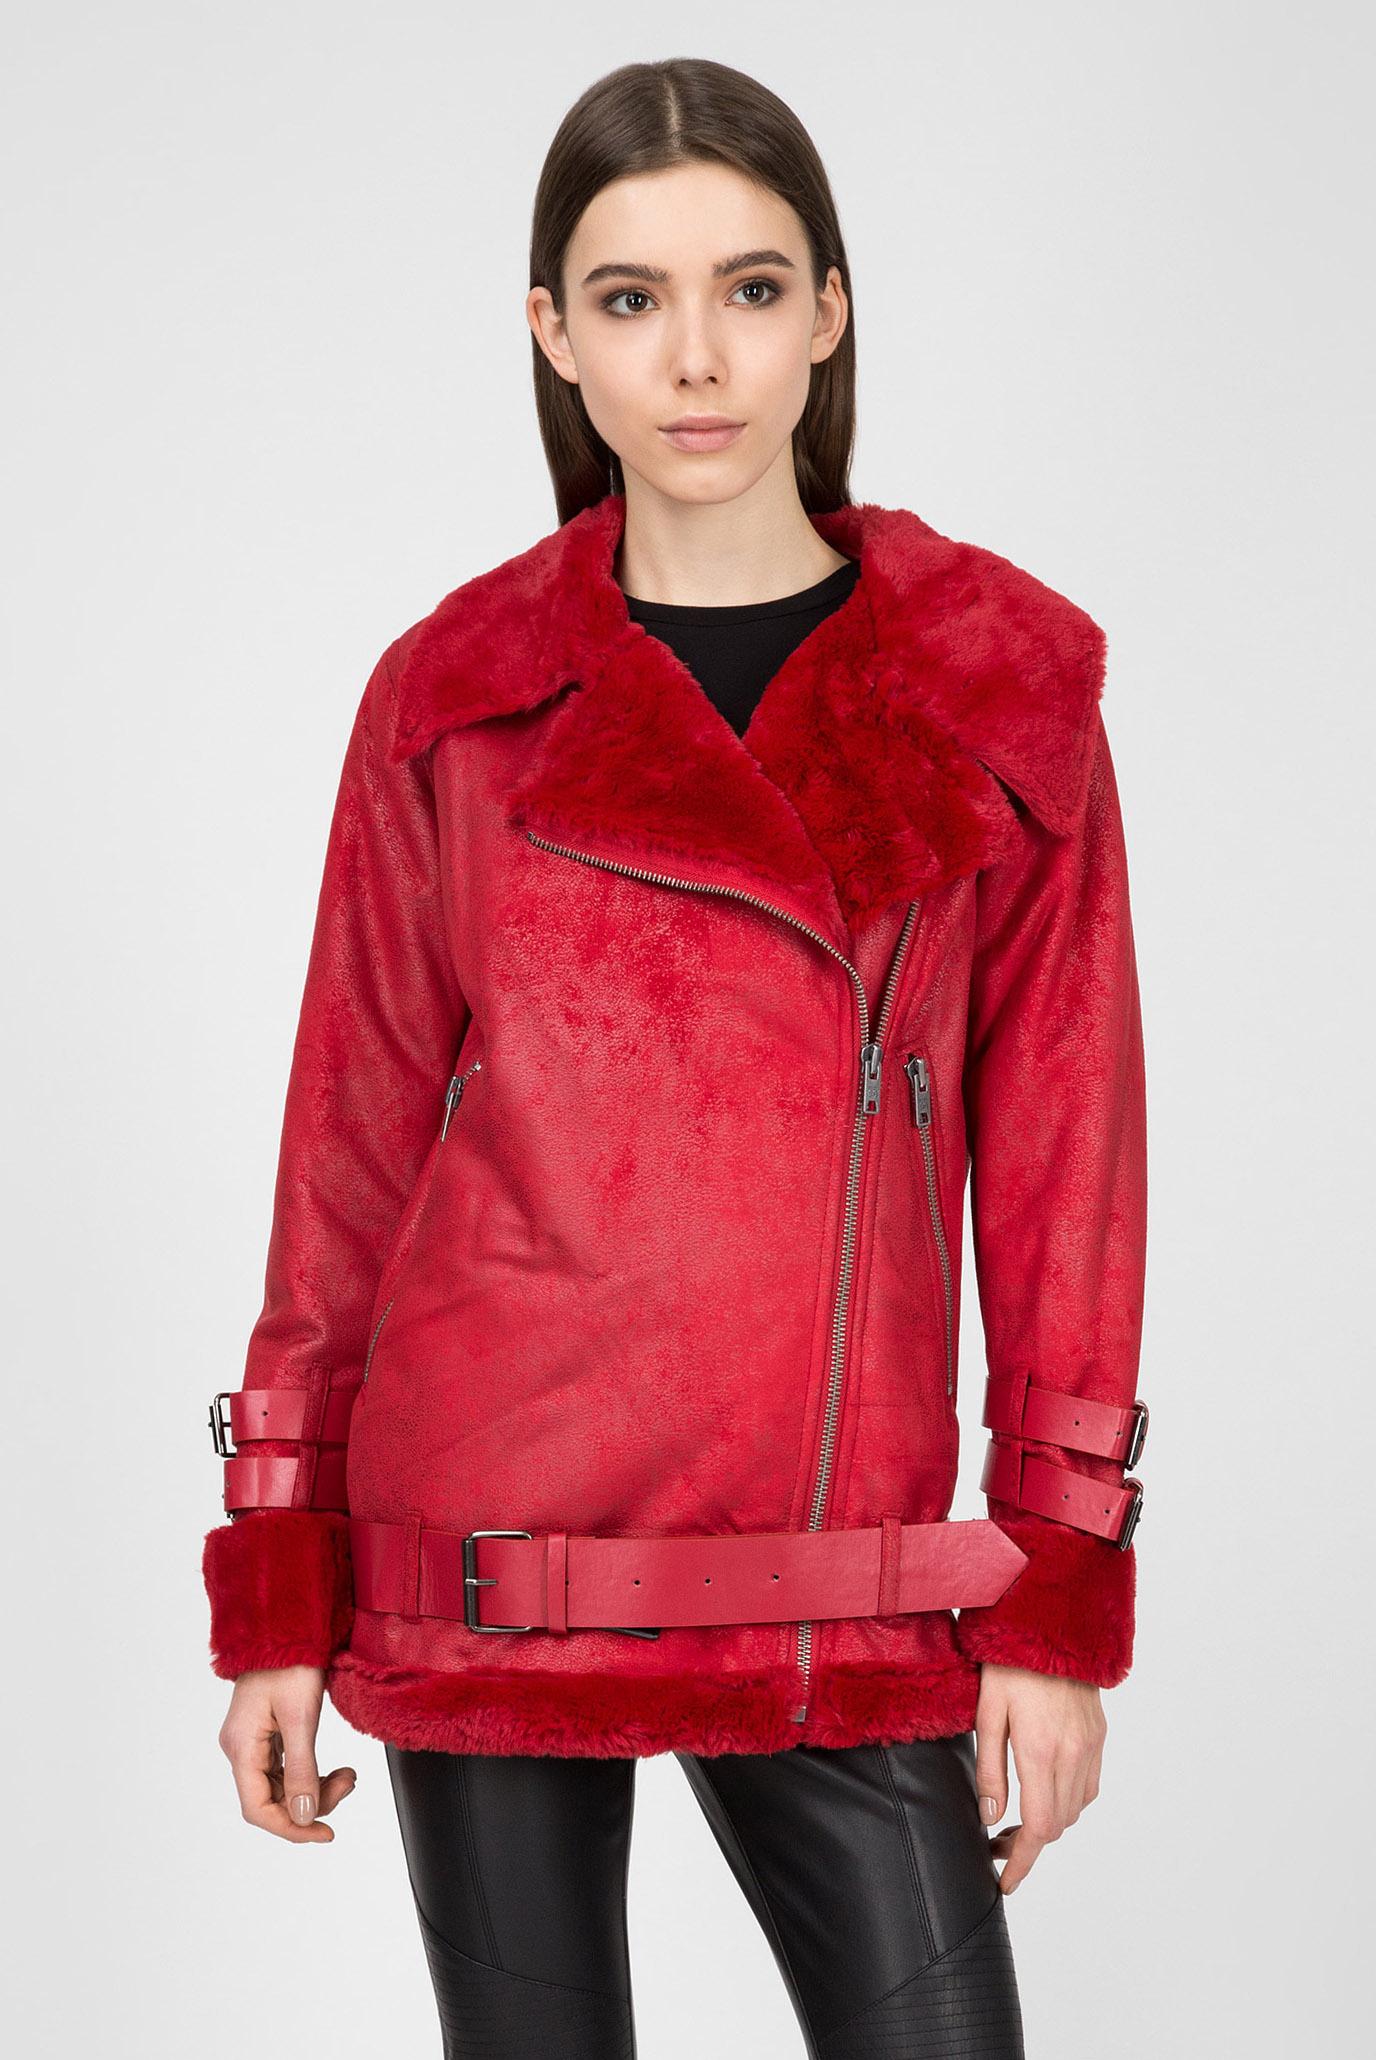 Купить Женская красная куртка GEORGIA Pepe Jeans Pepe Jeans PL401533 – Киев, Украина. Цены в интернет магазине MD Fashion